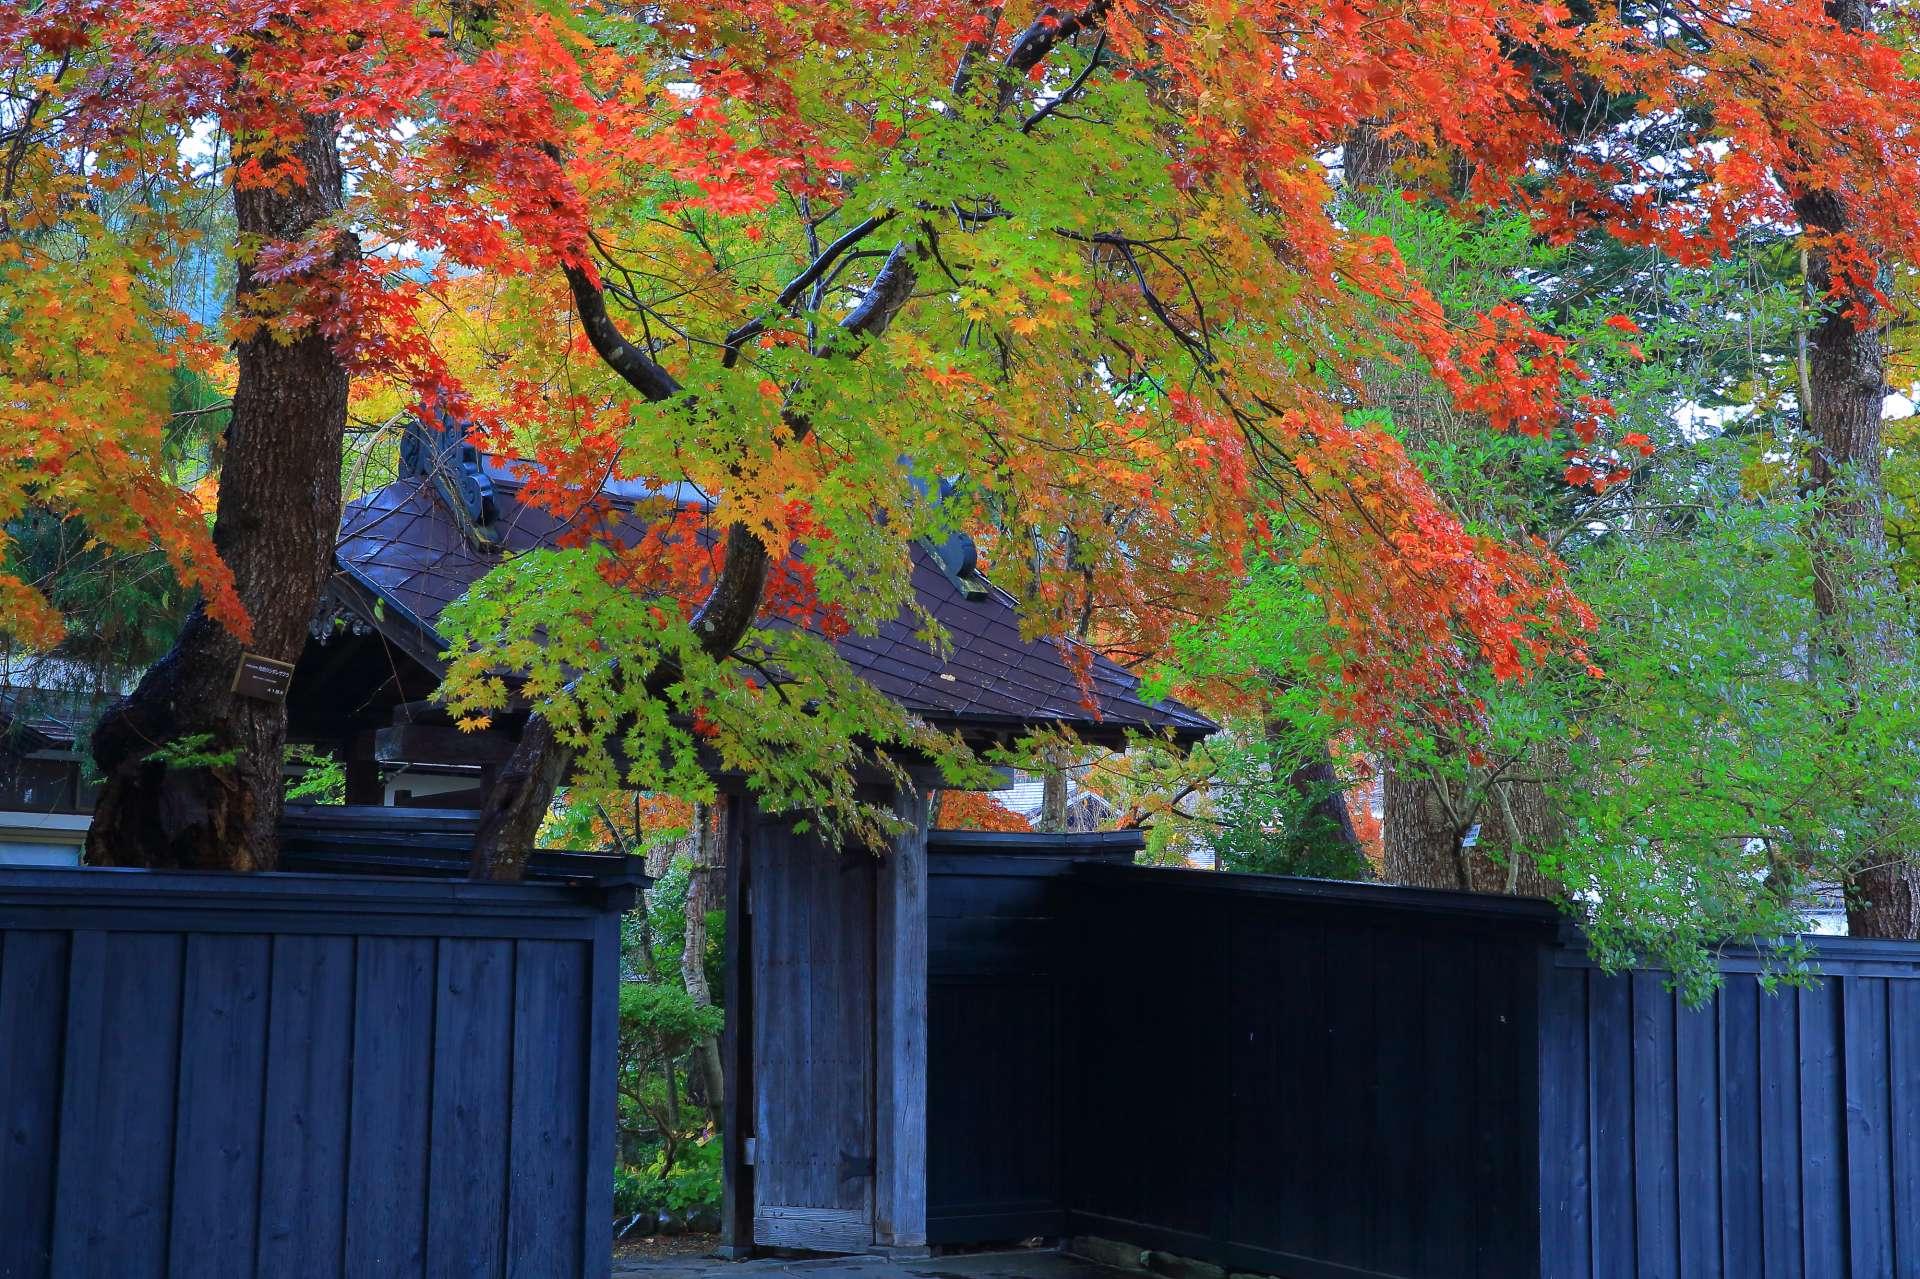 楓葉和黑牆形成紅與黑的典雅搭配